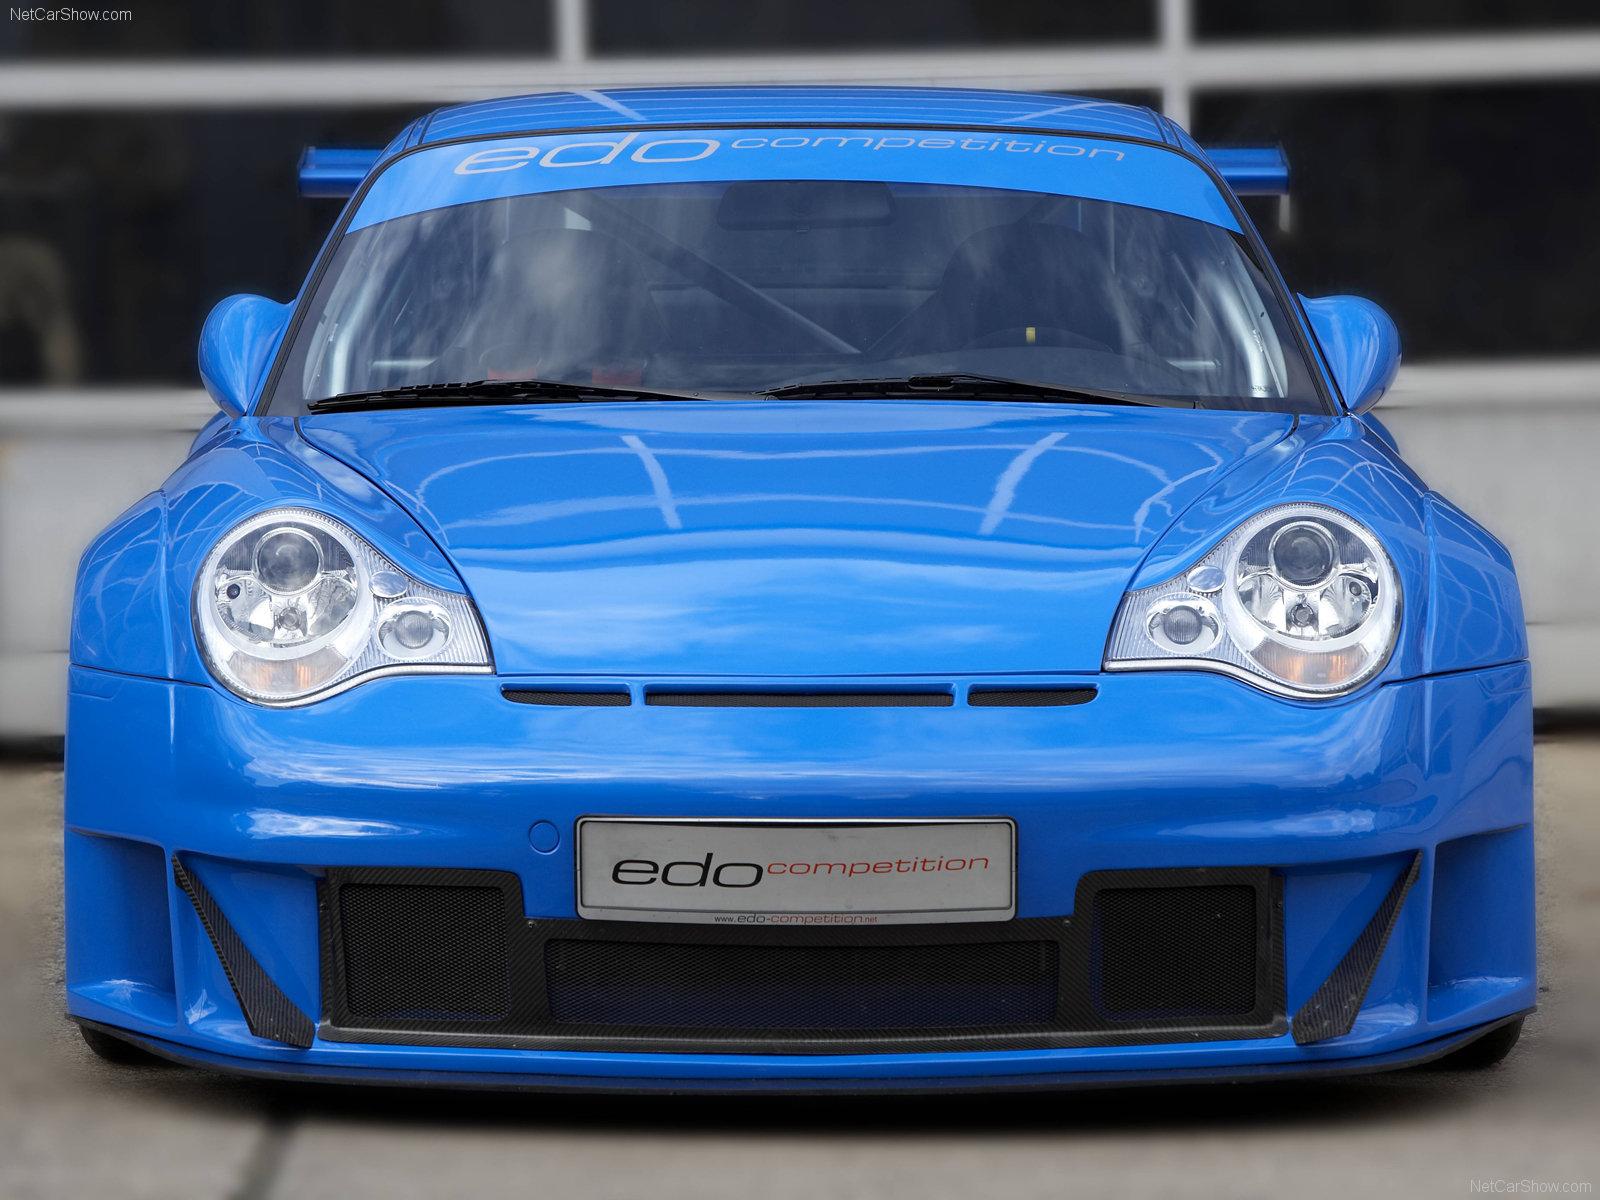 Hình ảnh siêu xe Edo Porsche 996 GT2 R 2005 & nội ngoại thất